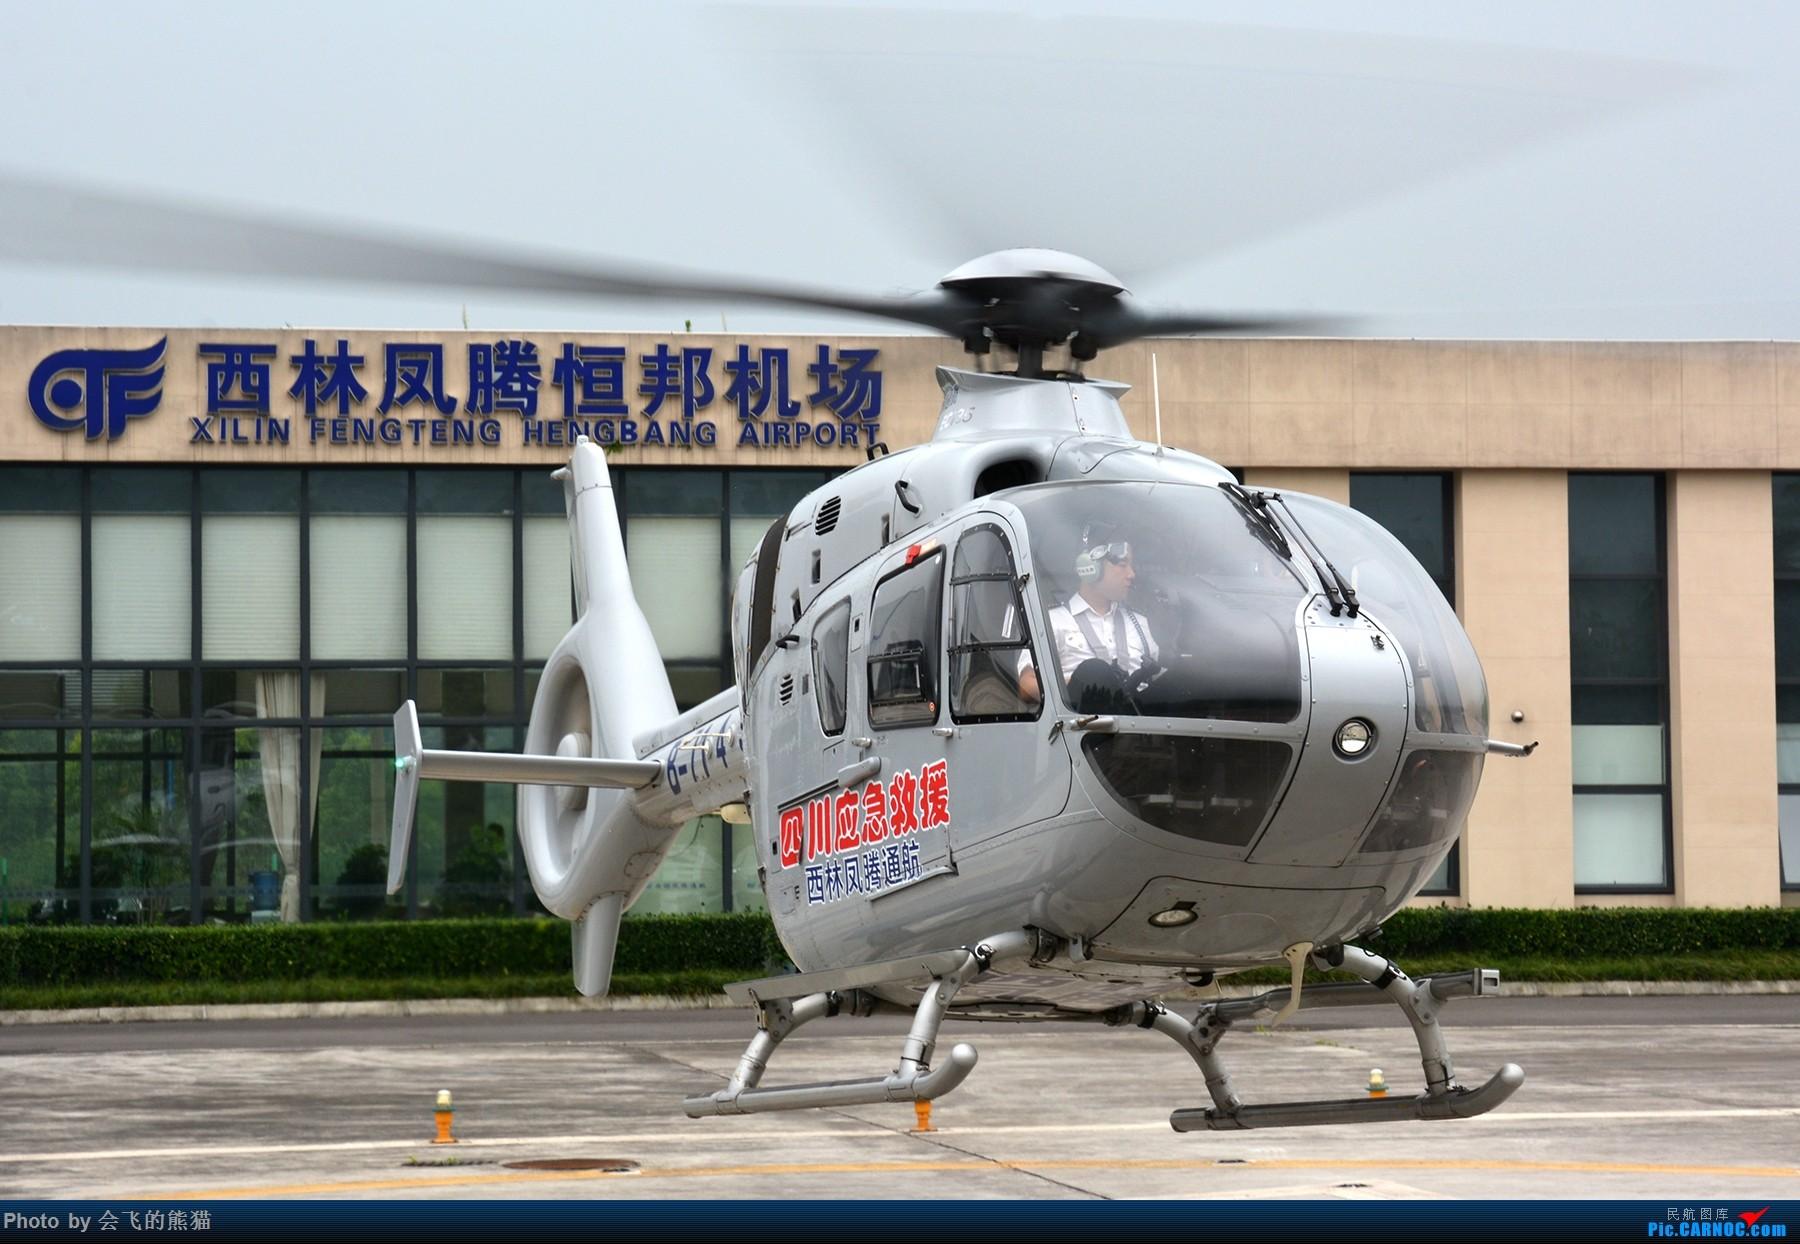 Re:[原创]不挑 EUROCOPTER EC135T2 B-7149 西林凤腾恒邦机场